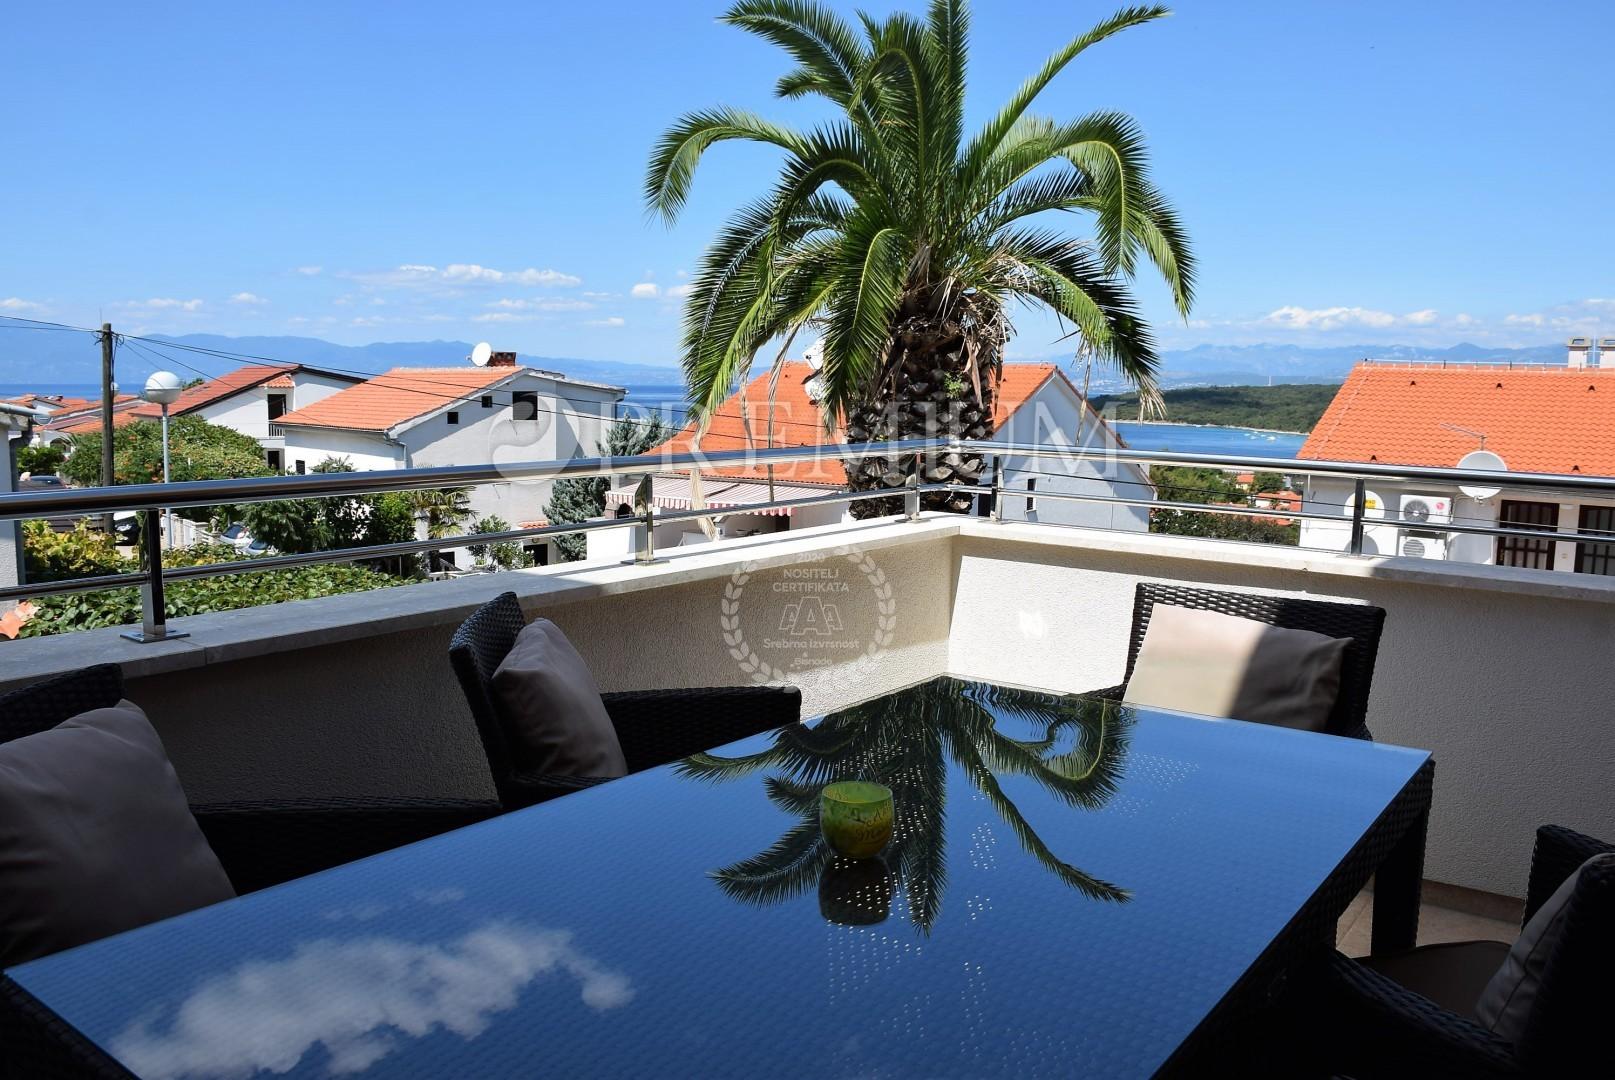 Njivice, prodaja, stan površine 92 m2 na prvom katu s bazenom i prekrasnim panoramskim pogledom na more!